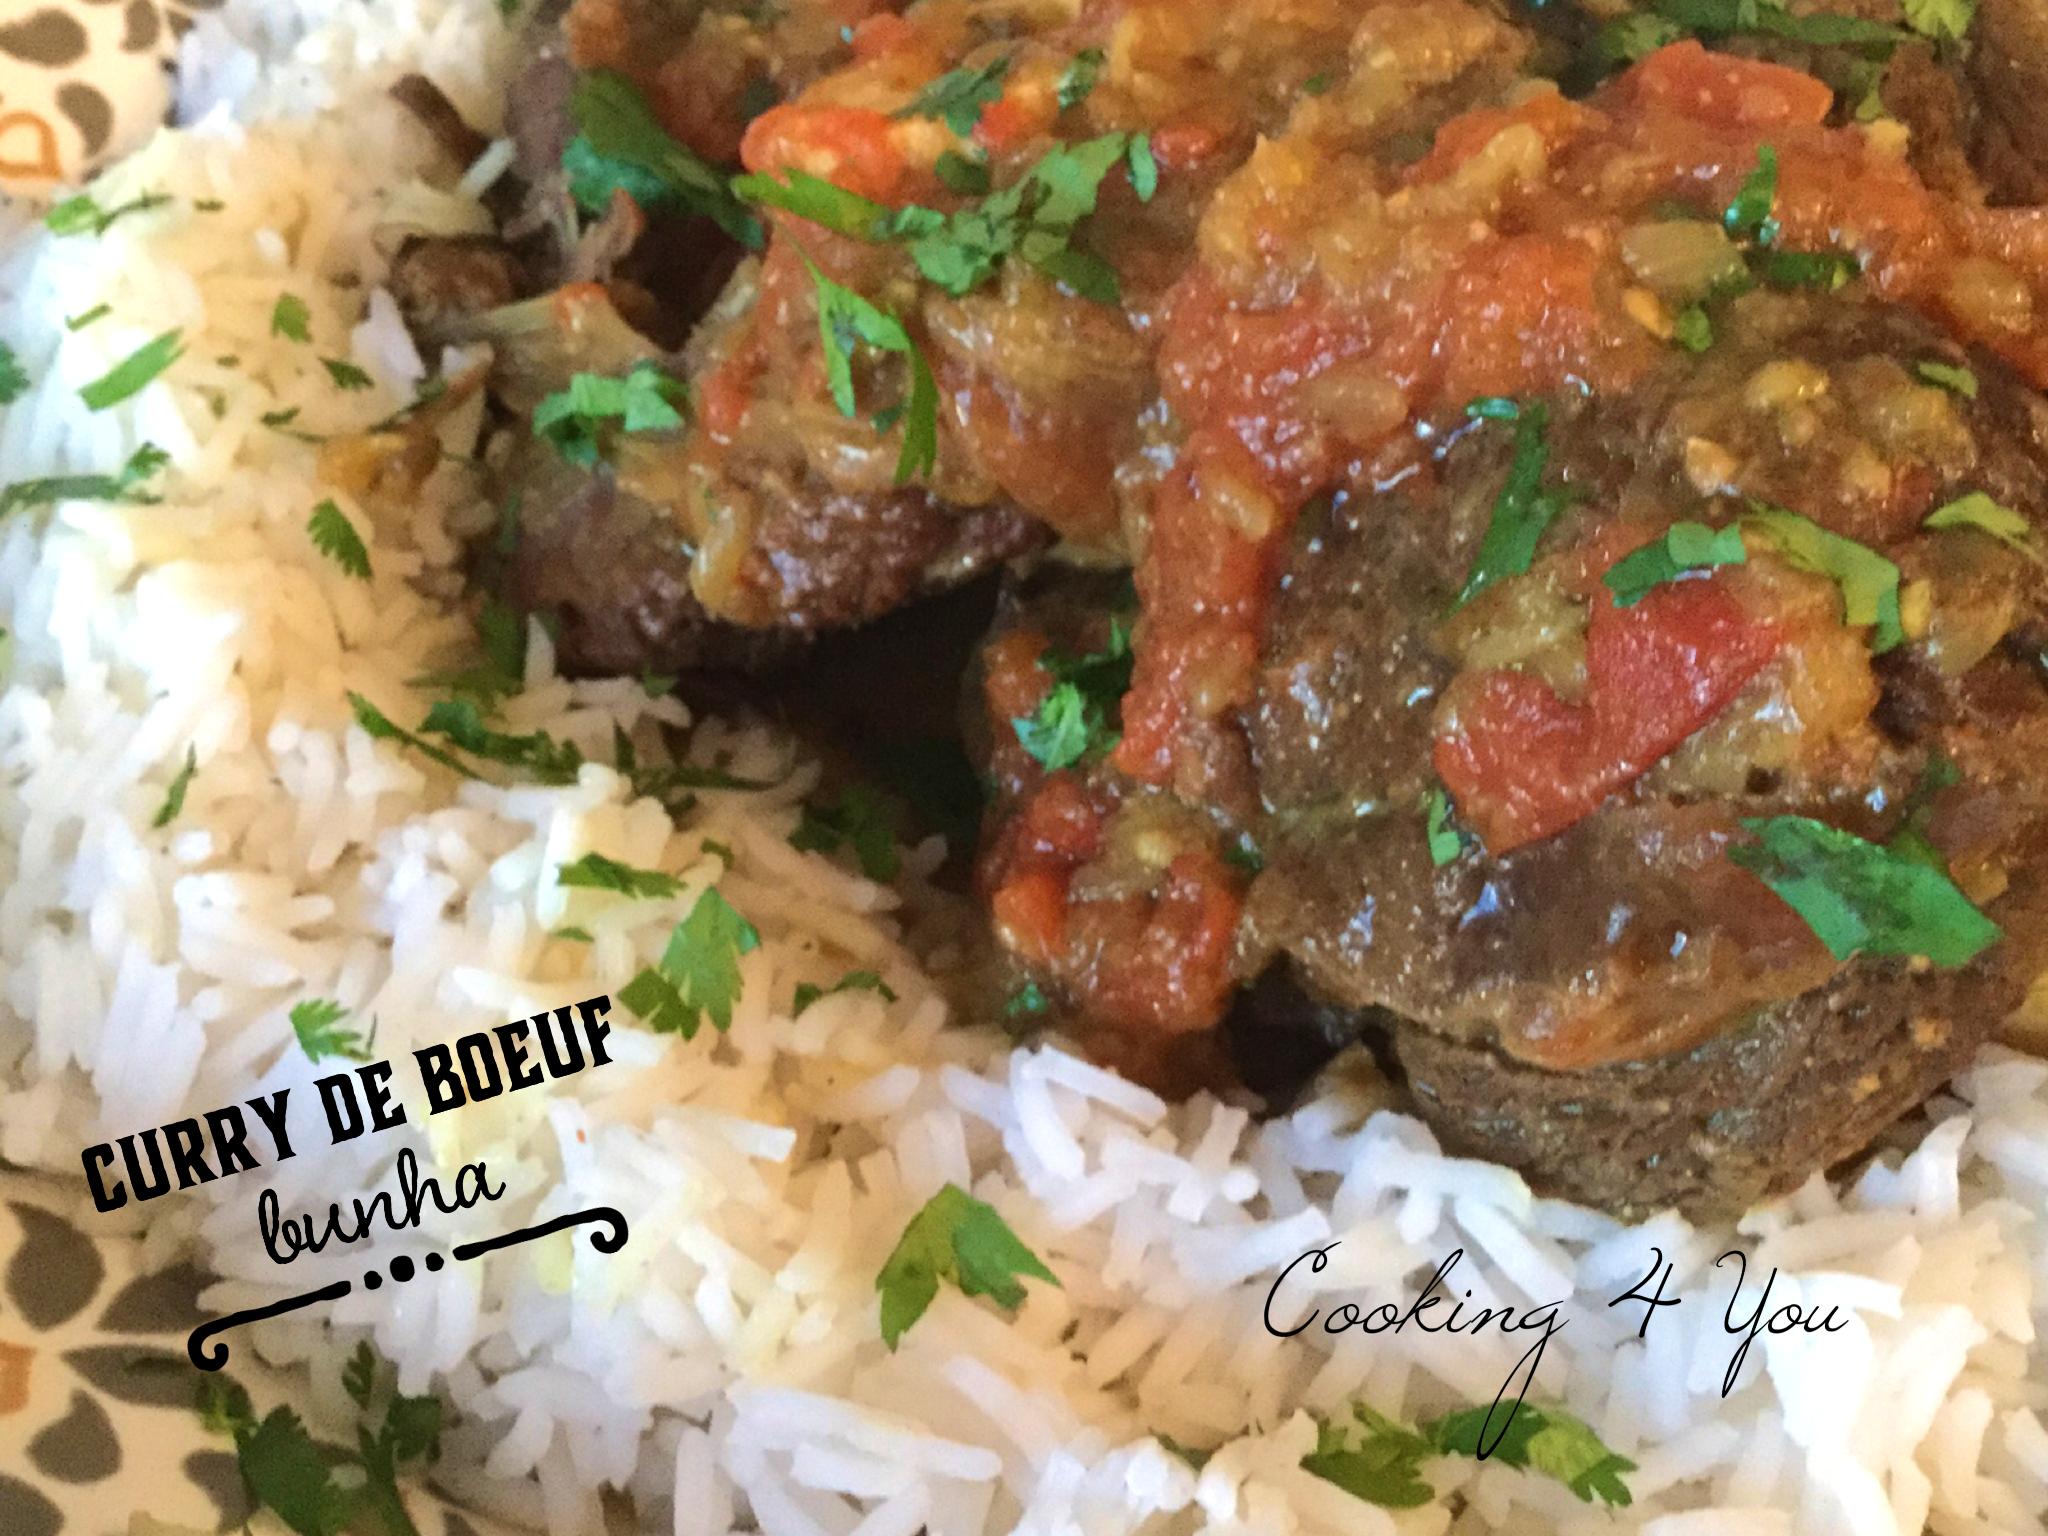 Boeuf bhuna ou recette Bengali de curry de boeuf aux épices